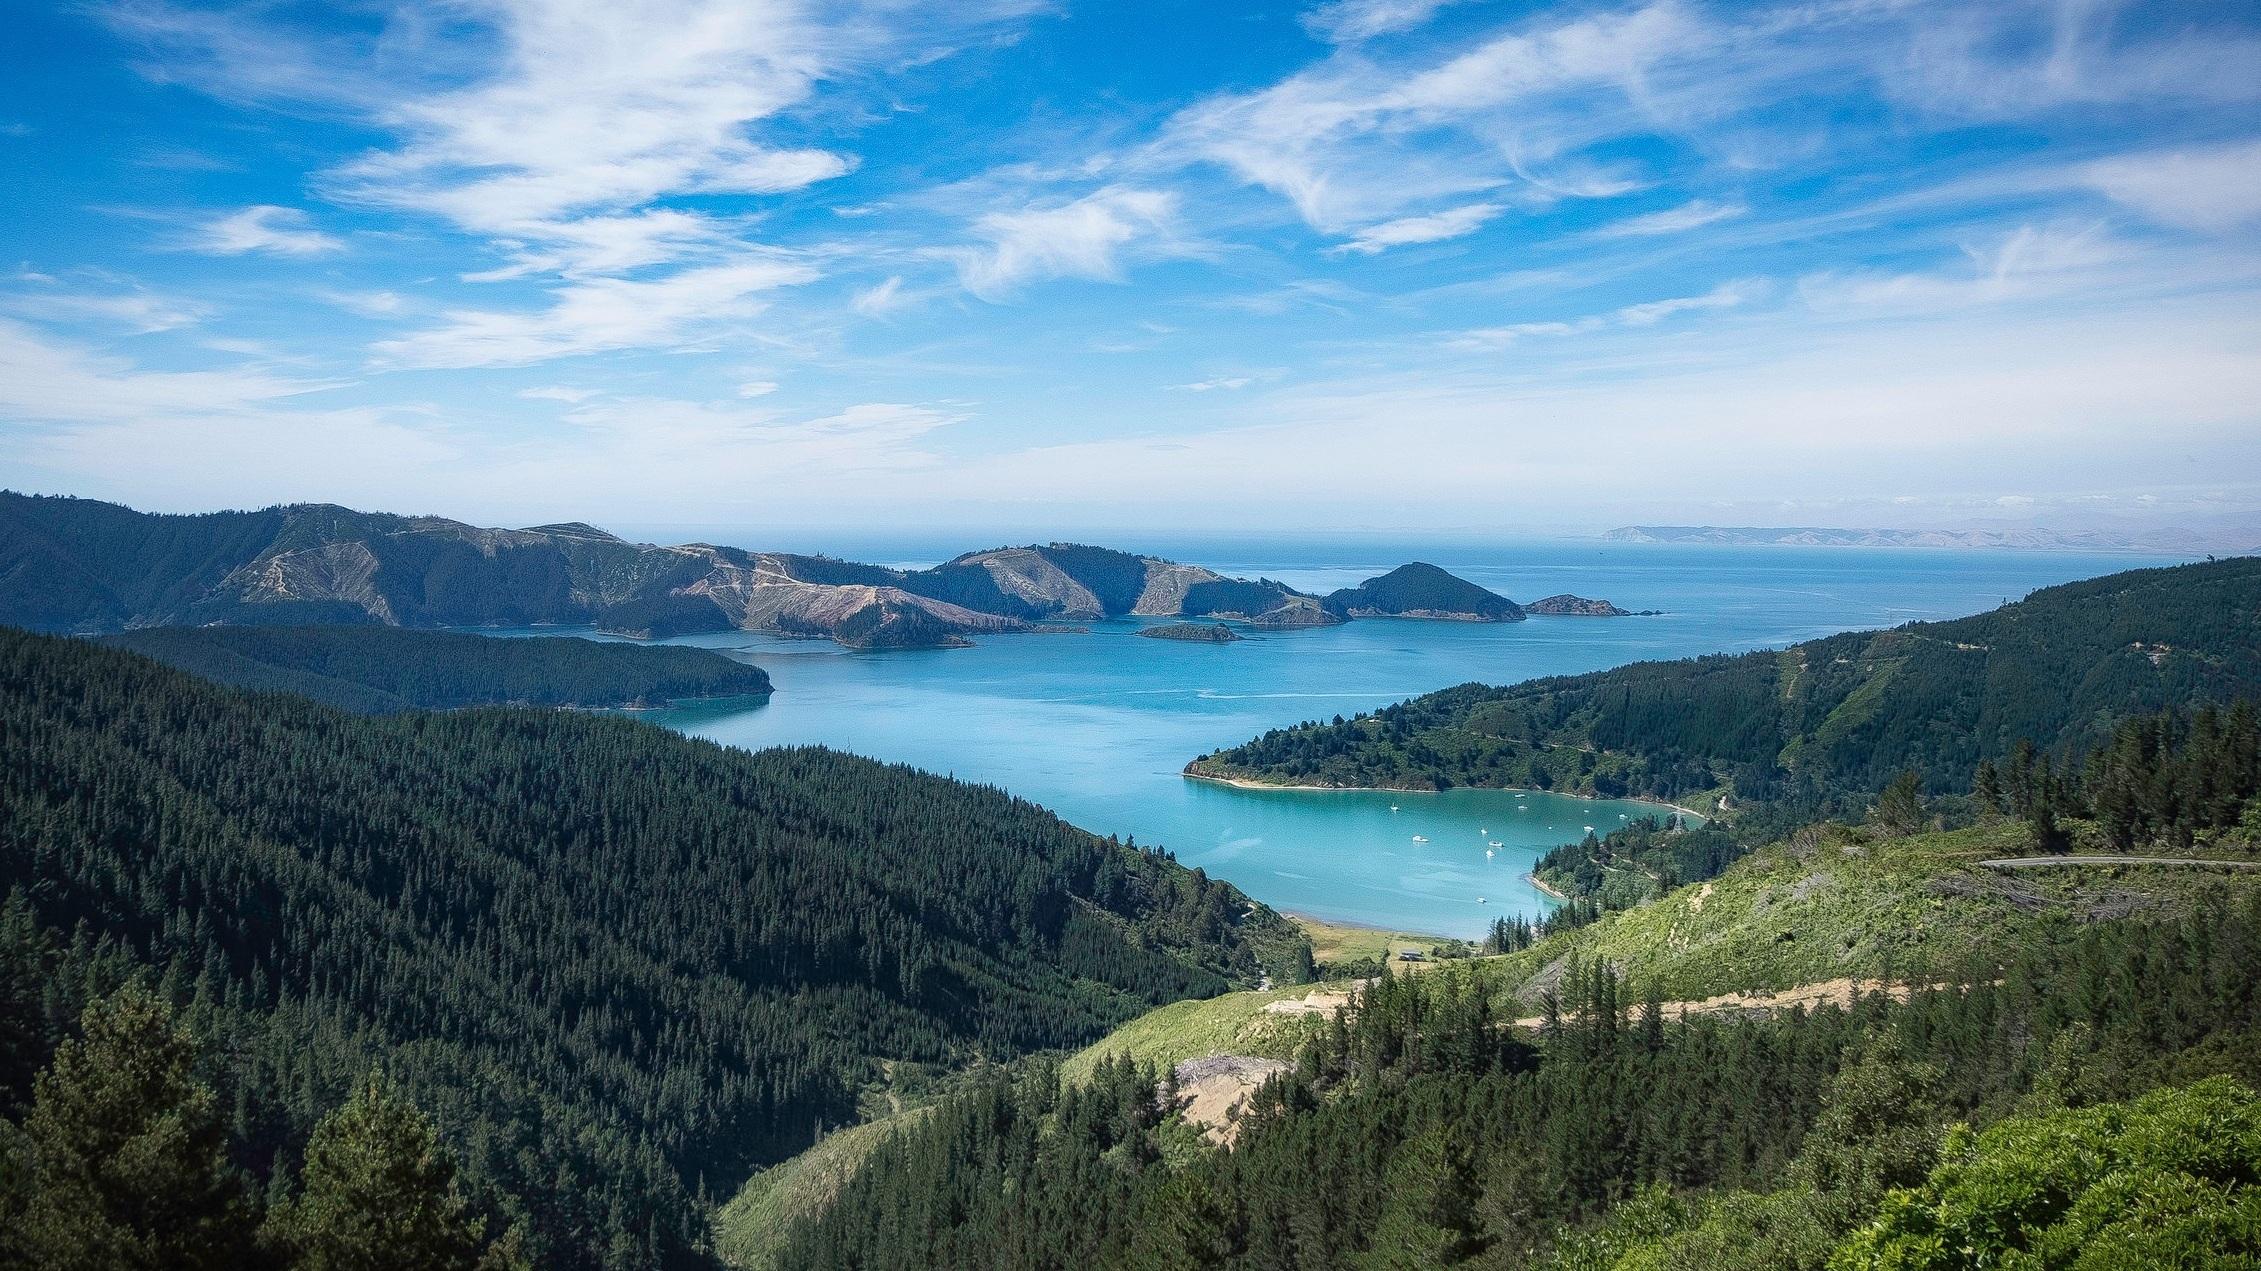 Australien & Nya Zeeland - Från den mäktiga naturen på Nya Zeeland till den vilda buschen i Australien. Här får du det bästa av två världar.